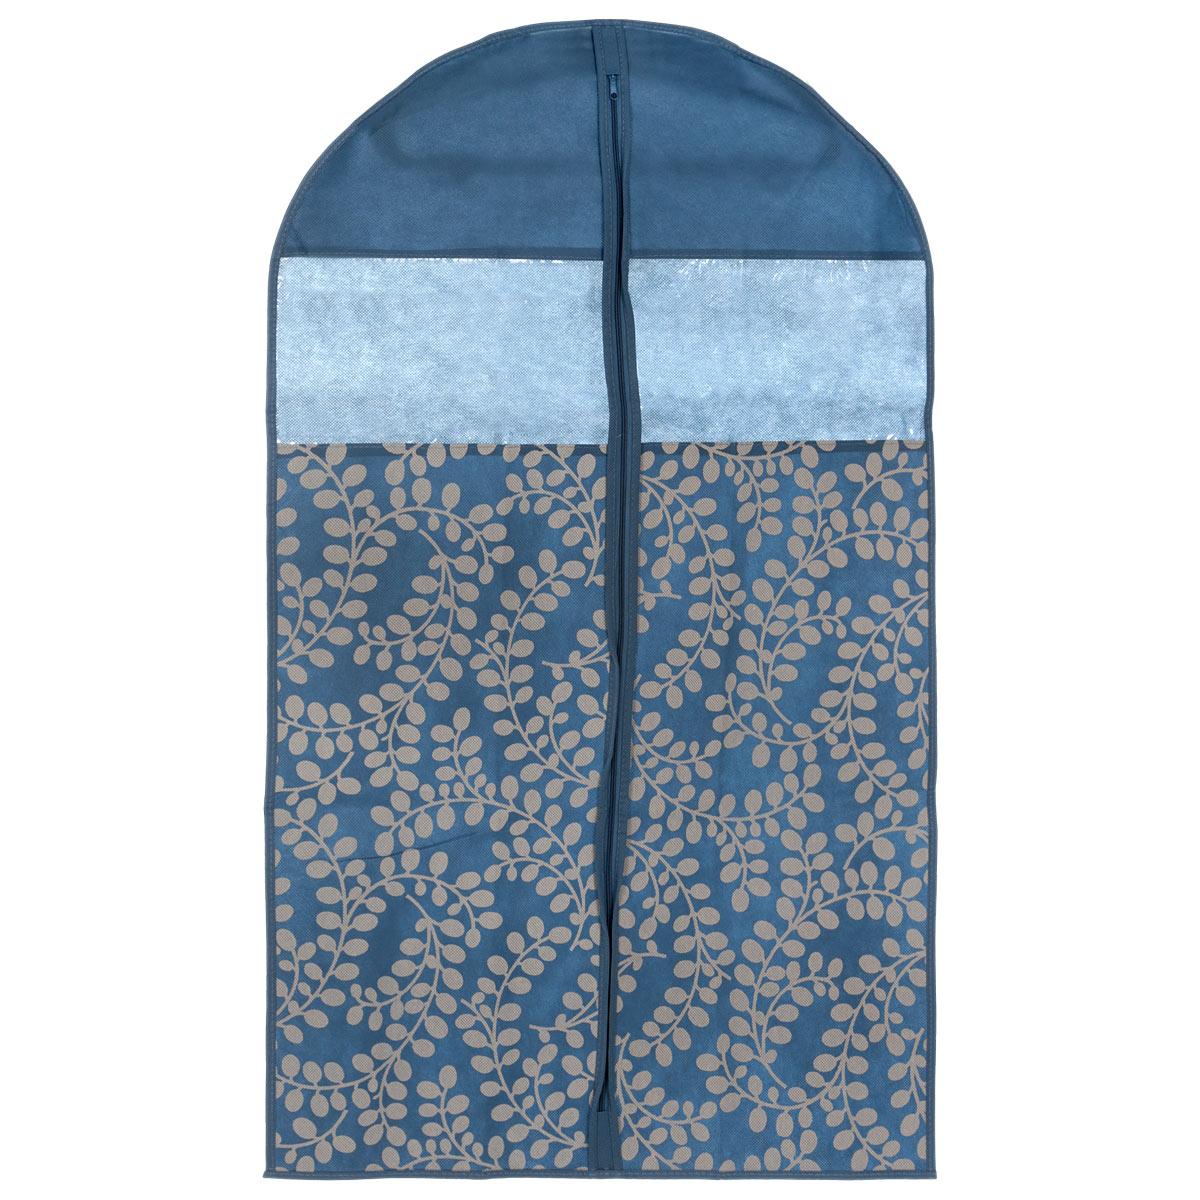 Чехол для пиджака Voila Флораль, цвет: синий, серый, 100 см х 60 смCOVLCATF20_синийЛегкий чехол Voila Флораль выполнен из дышащего нетканого материала (полипропилен), безопасного в использовании. Чехол предназначен для курток, пиджаков и жакетов. Имеет два прозрачных окна и специальное отверстие для крючка вешалки. Закрывается на молнию. Материал можно протирать в случае загрязнения влажной салфеткой или тряпкой. Изделие защищает одежду от пыли, моли, солнечных лучей и загрязнения, в то же время хорошо пропускает воздух. Чехол оформлен оригинальным рисунком. Чехол Voila Флораль надежно сохранит вашу одежду.